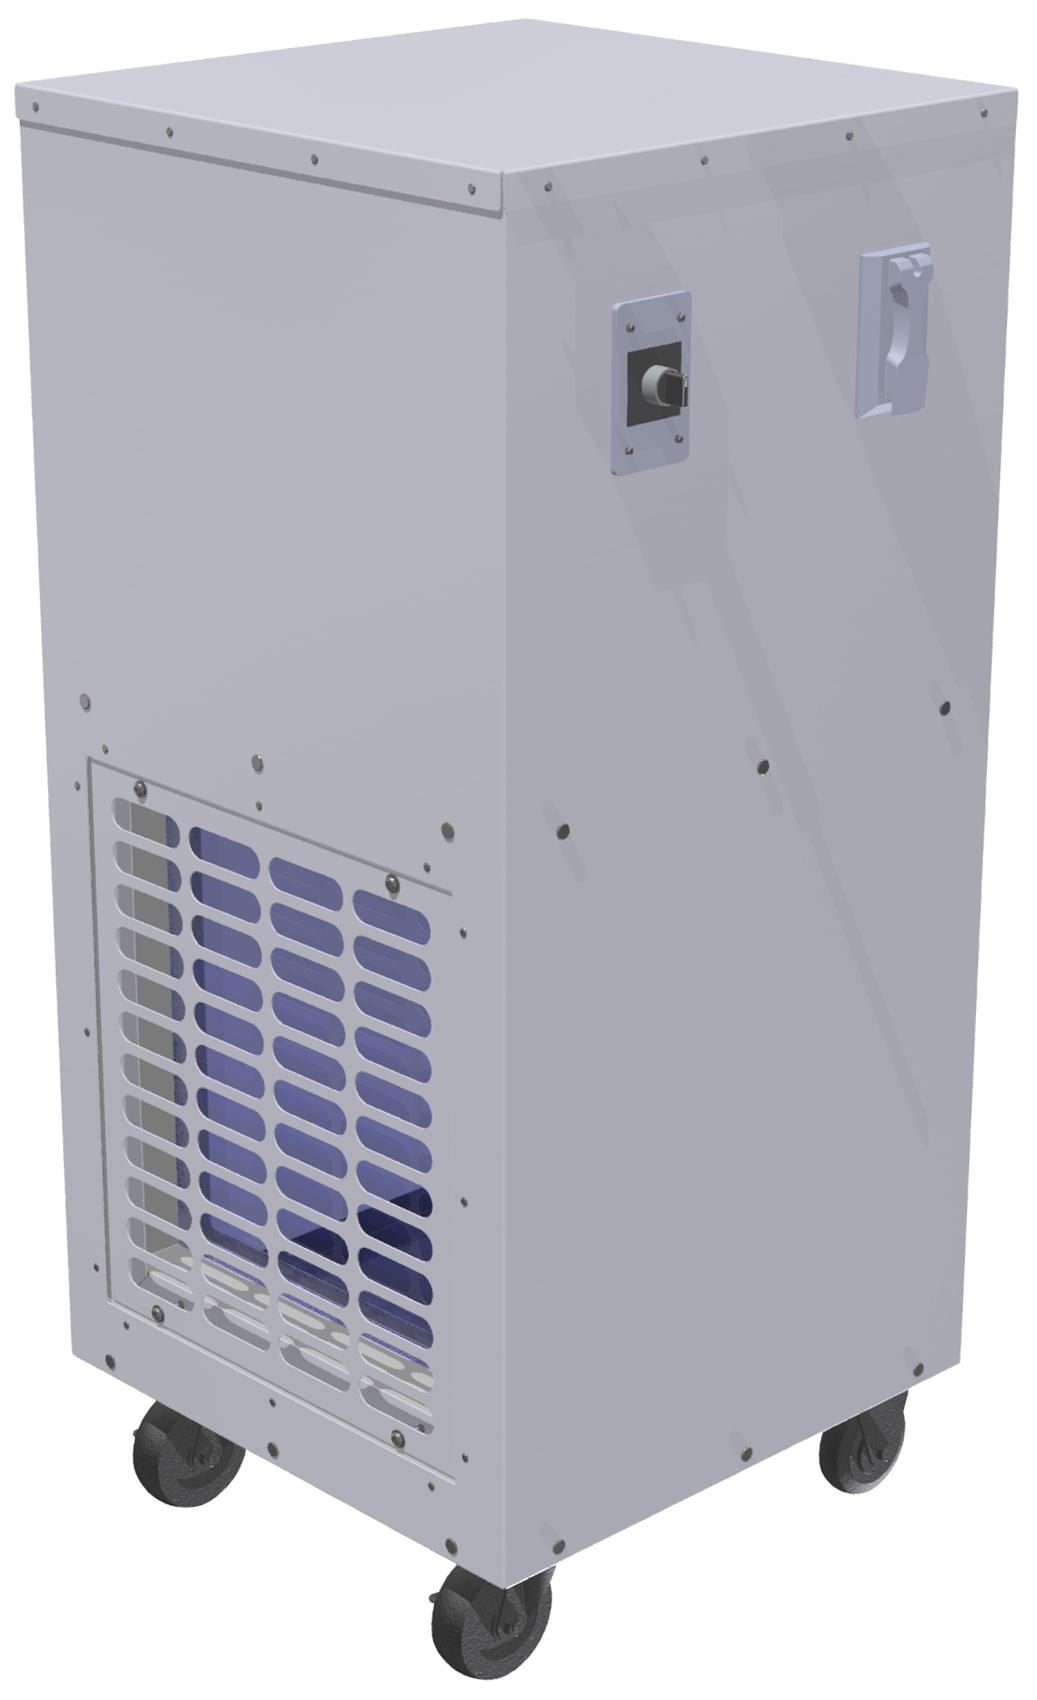 Portable HEPA Filter Fans - BKL PHF 250 110 1 2